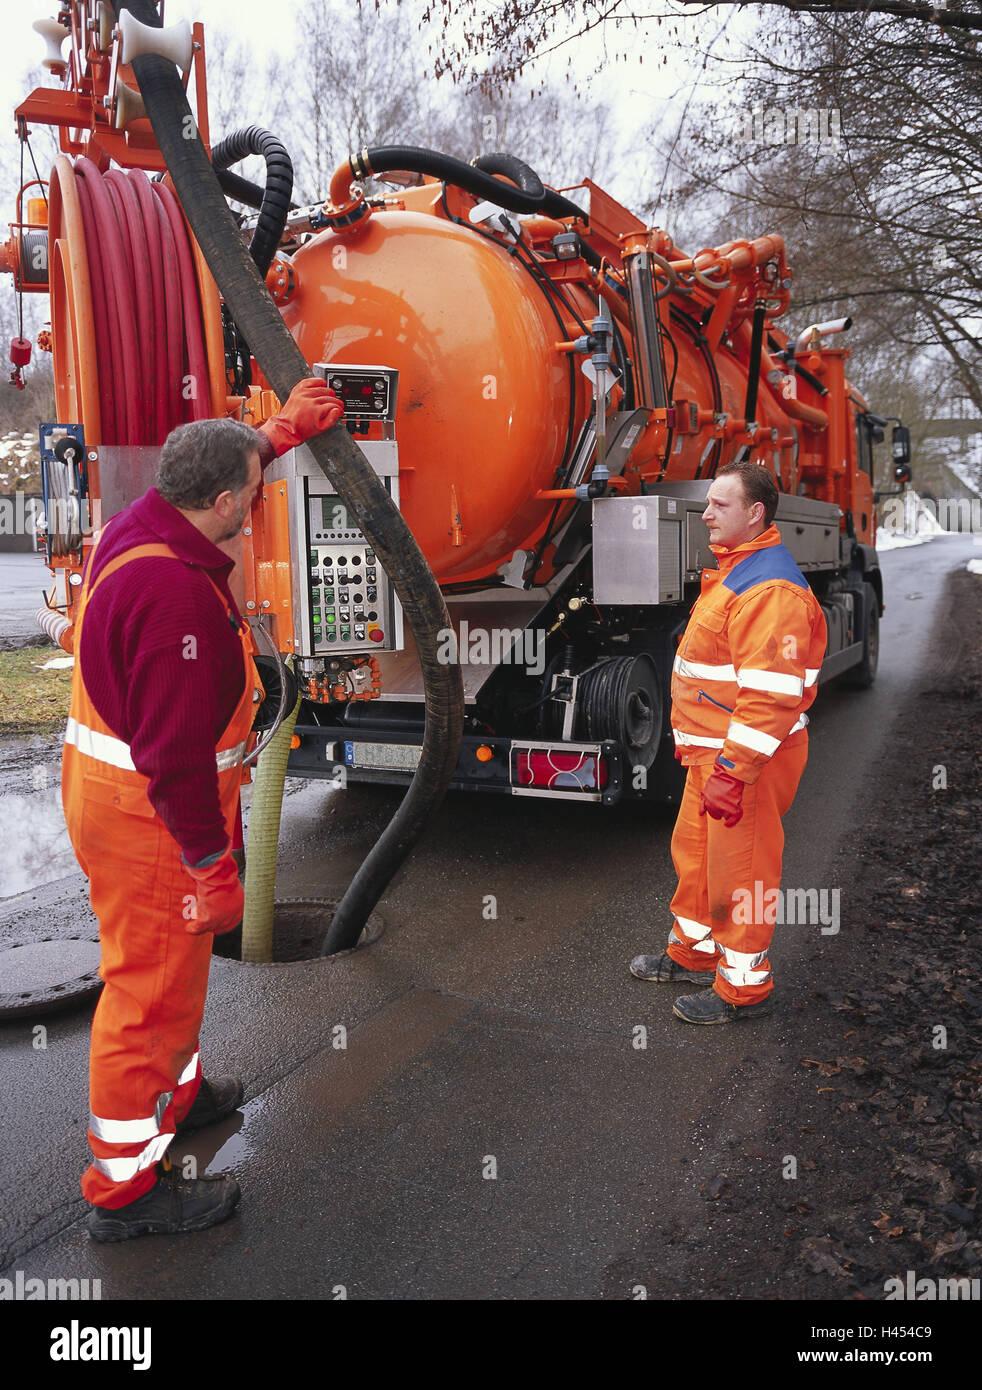 Alemania, calle, eliminación de aguas residuales, vehículo aspirador, hombres bomba, canal, empresa de Imagen De Stock